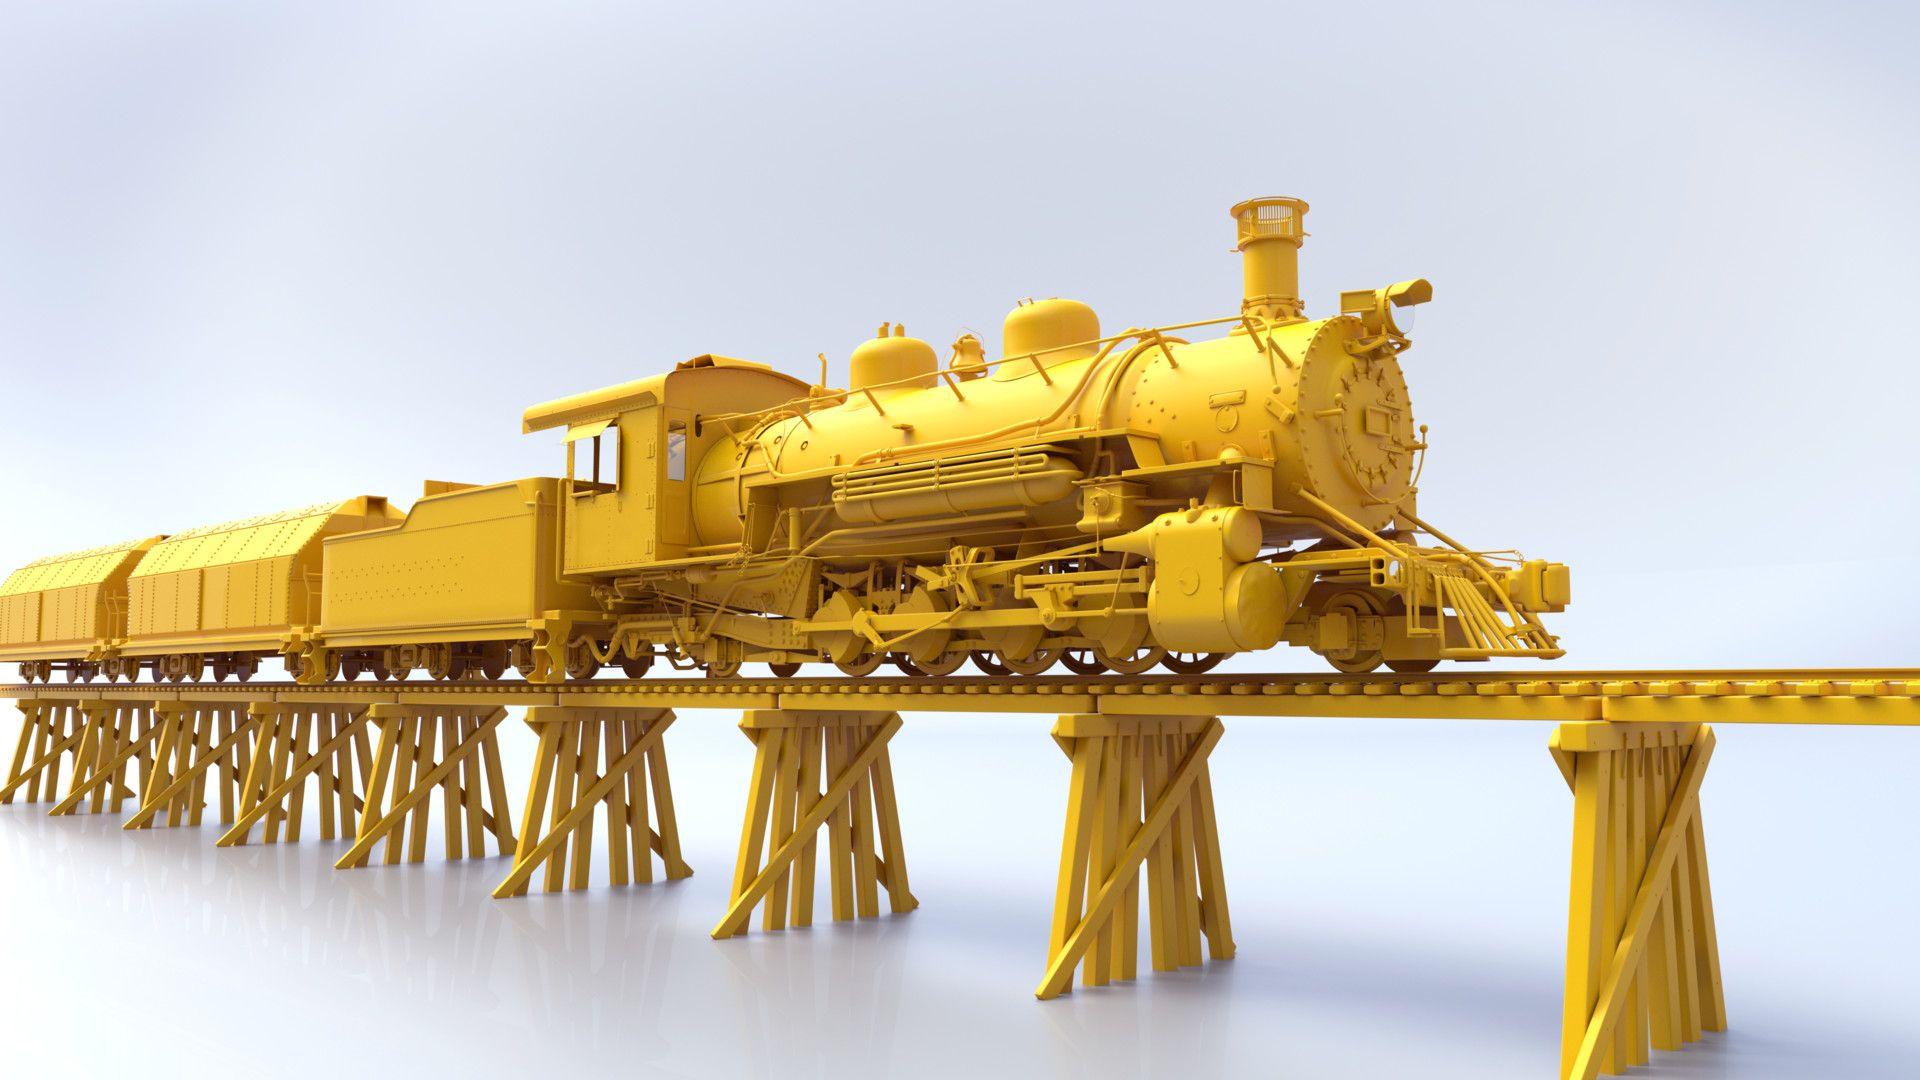 xavier-marot-train4k.jpg (1920×1080)